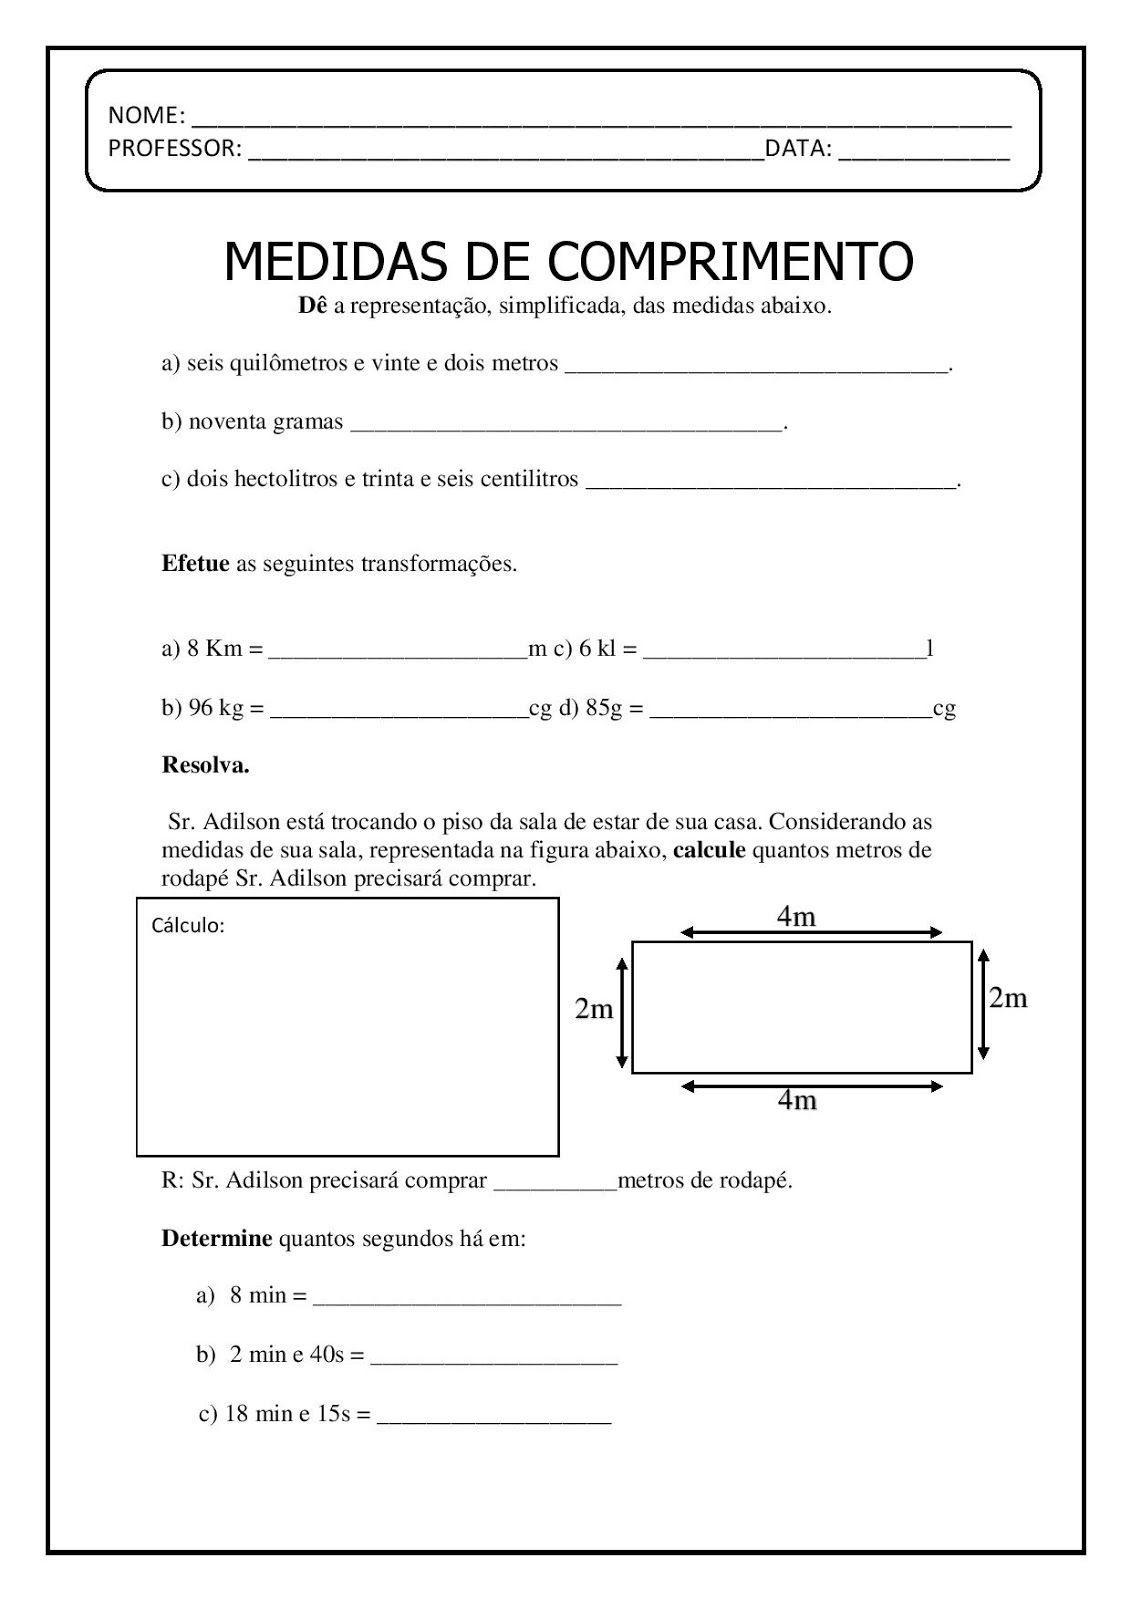 Medidas De Comprimento Page 002 Jpg 1131 1600 Medida De